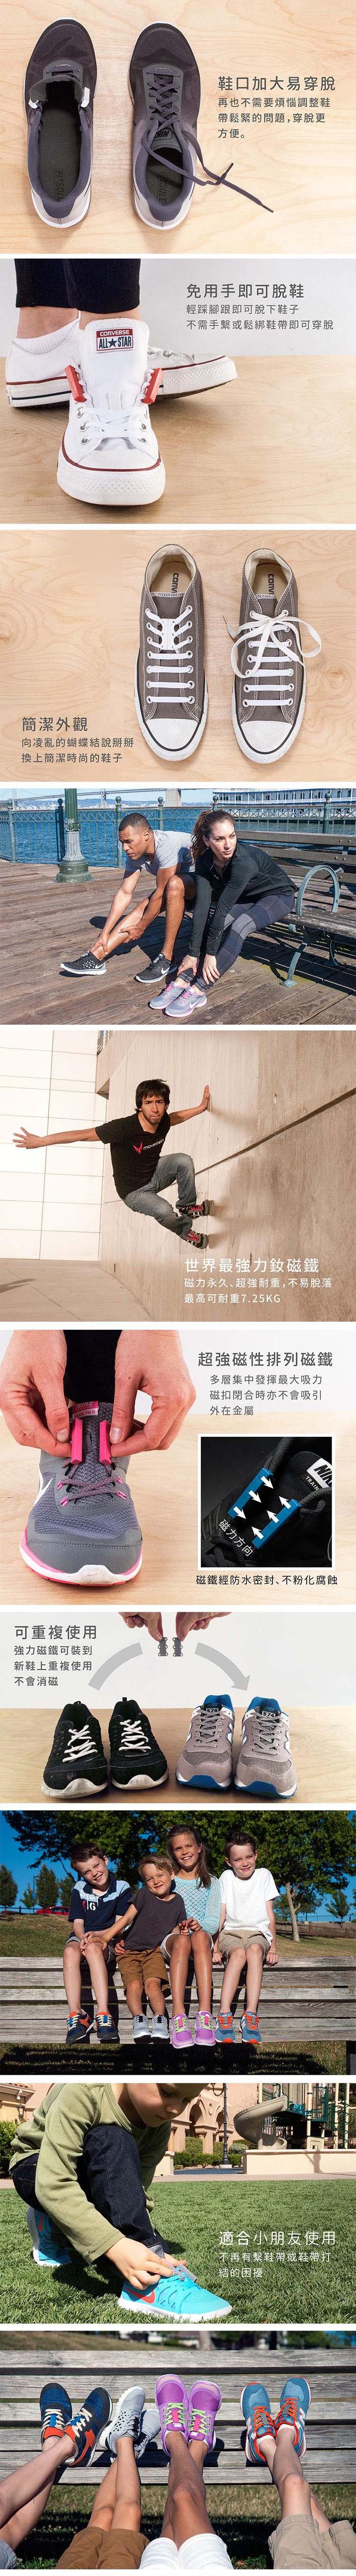 美國 Zubits│ 強磁鞋帶扣 2 號 - 純白